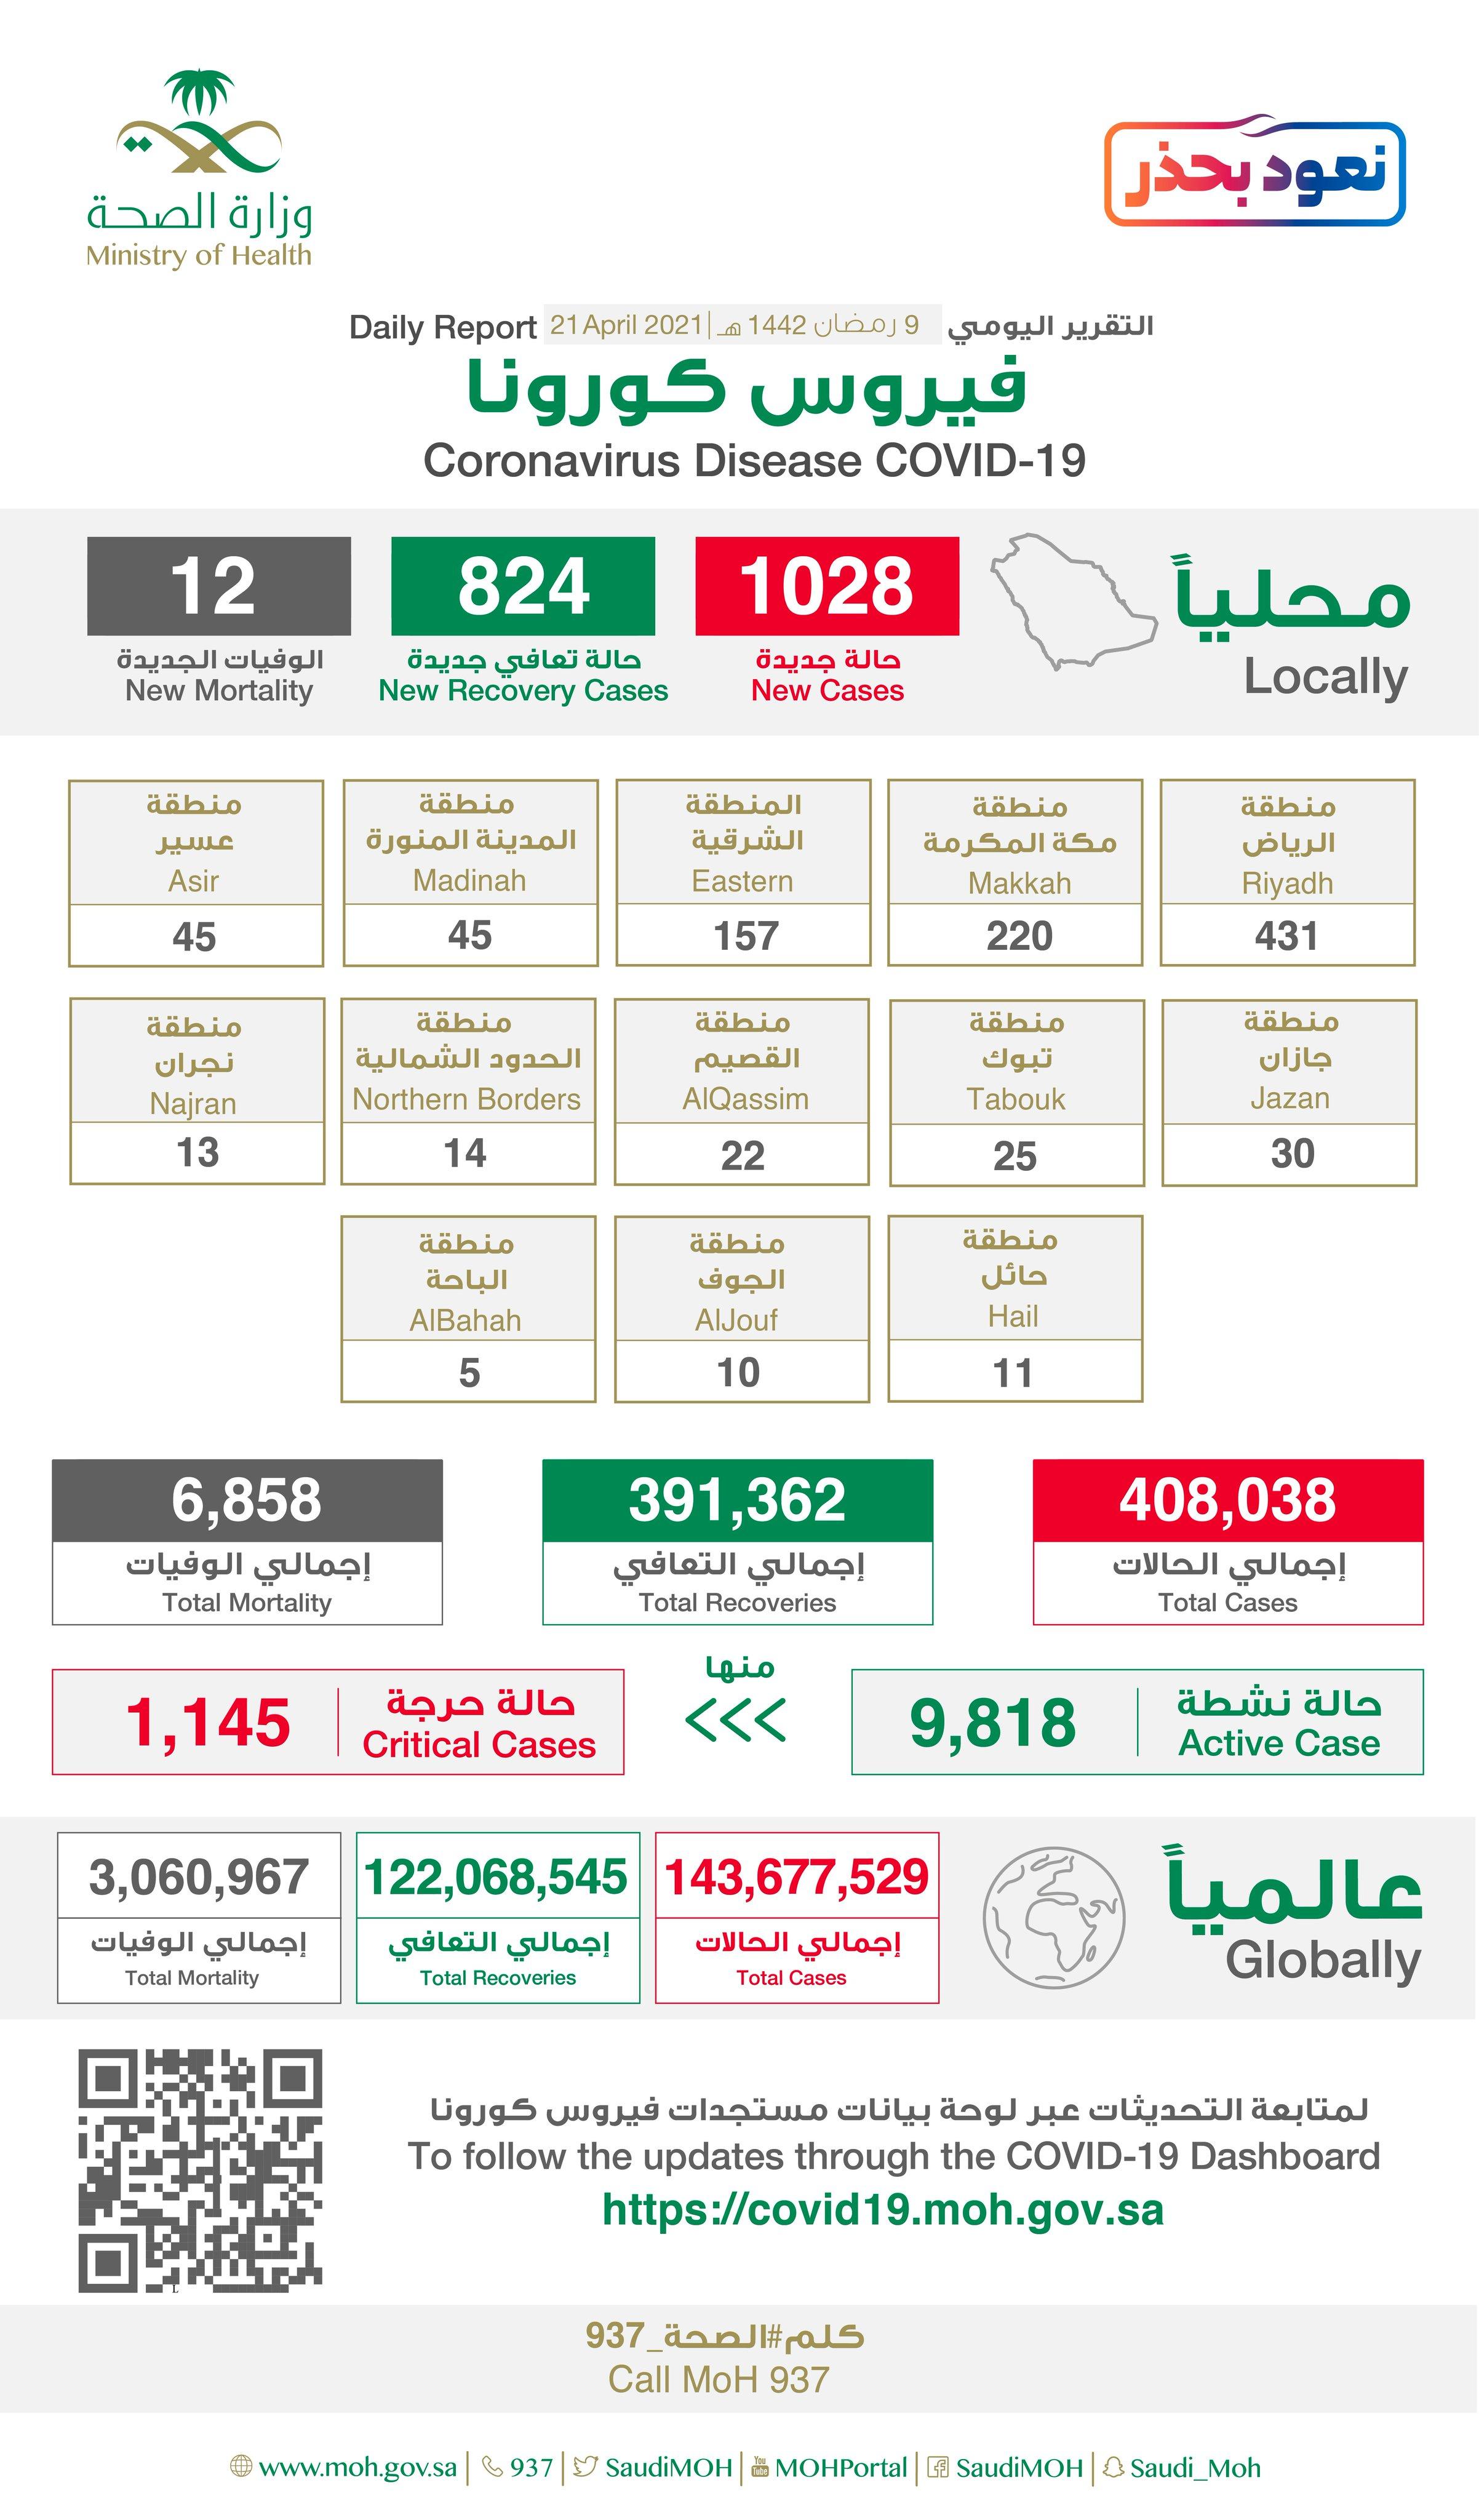 لليوم الثاني على التوالي.. تسجيل أكثر من ألف إصابة جديدة بفيروس كورونا في السعودية